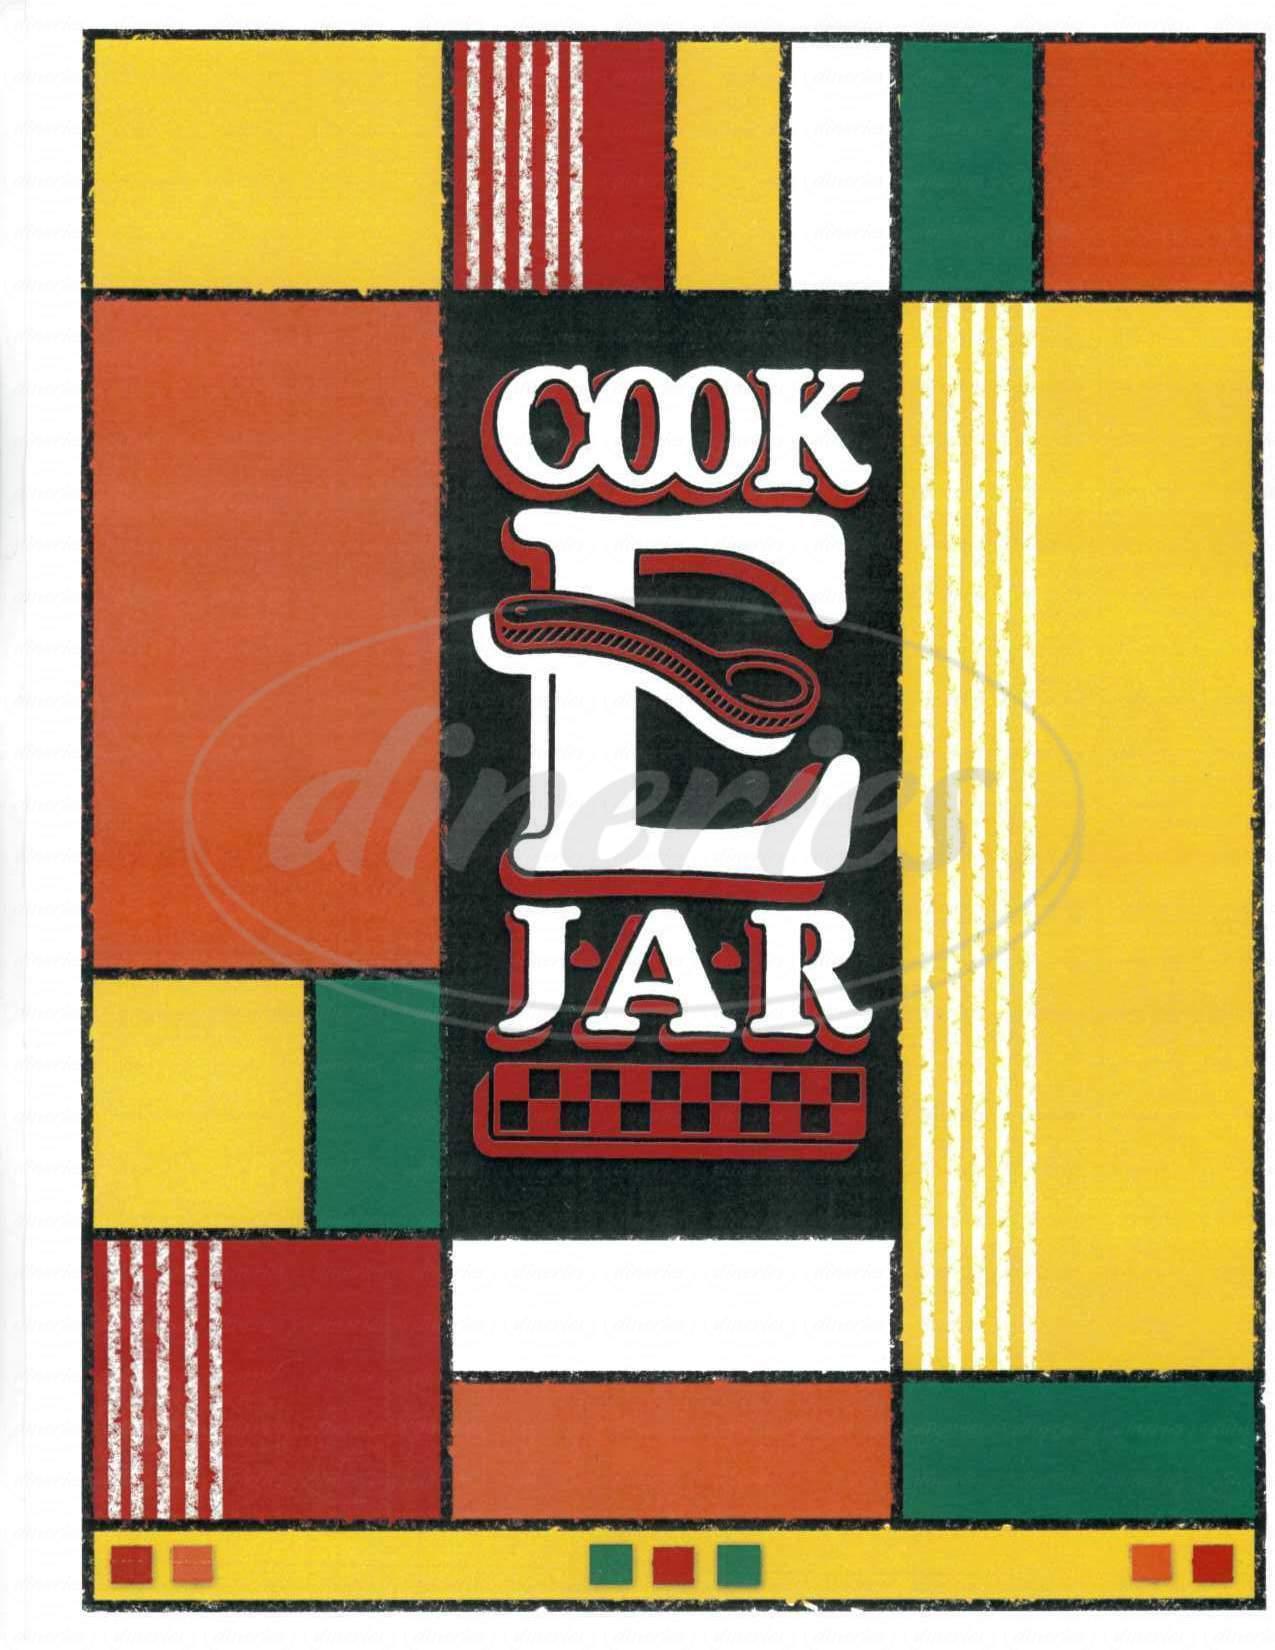 menu for Cook E Jar Bakery & Cafe